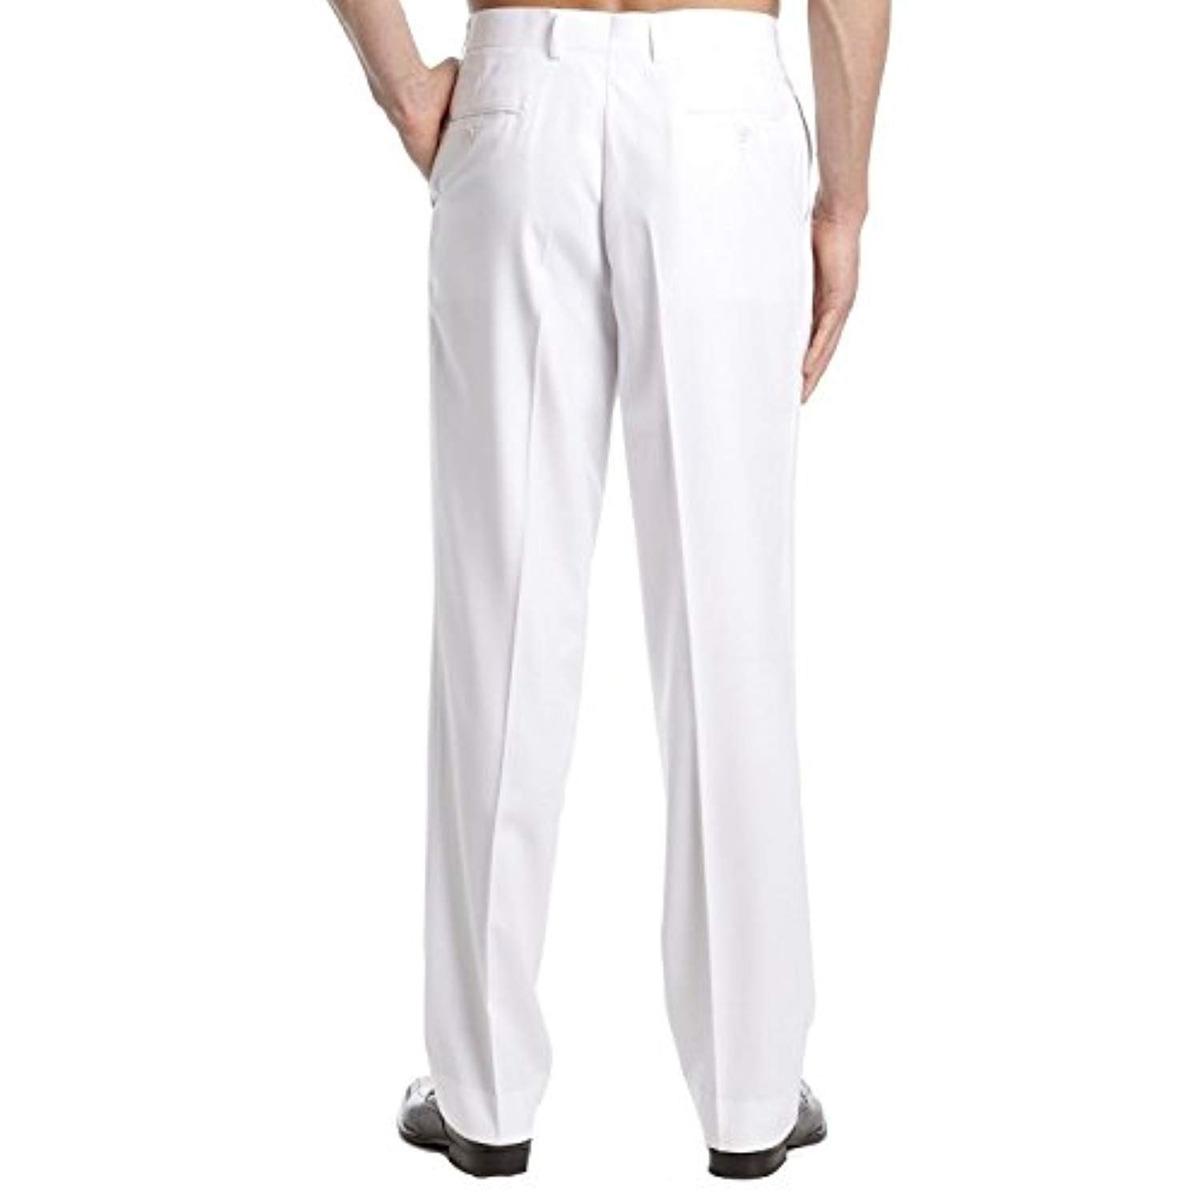 7c264bc9d0 Pantalones Para Hombre Tm Exposure Men S - $ 1,710.45 en Mercado Libre